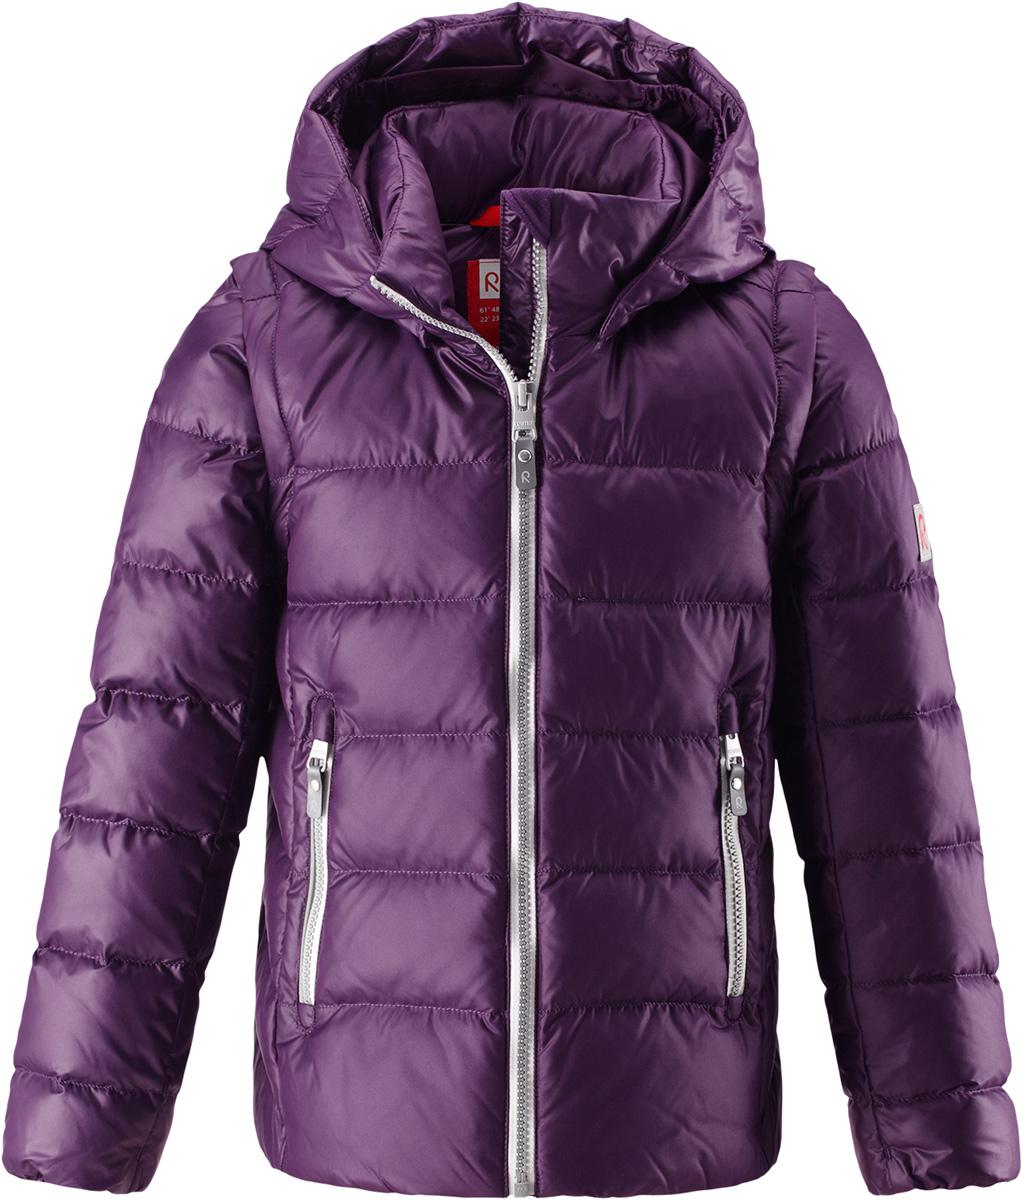 Пуховик для девочки Reima Minna, цвет: лиловый. 5312905930. Размер 1345312905930Очень легкая, но при этом теплая и практичная слегка удлиненная куртка для подростков в одно мгновение превращается в жилетку. Эта практичная куртка снабжена утеплителем из пуха и пера. Куртку с гладкой подкладкой из полиэстера легко надевать и очень удобно носить. В теплую погоду стоит лишь отстегнуть рукава, и куртка превратится в жилетку. Наденьте ее с удобной кофтой, и у вас получится модный и стильный наряд. А когда на улице похолодает, жилетку можно поддевать в качестве промежуточного слоя. Куртка оснащена съемным капюшоном, что обеспечивает дополнительную безопасность во время активных прогулок – капюшон легко отстегивается, если случайно за что-нибудь зацепится. Есть два кармана на молнии для мобильного телефона и других ценных мелочей. Эту модель для девочек довершают практичные детали: длинная молния высокого качества и светоотражающие элементы.Средняя степень утепления.